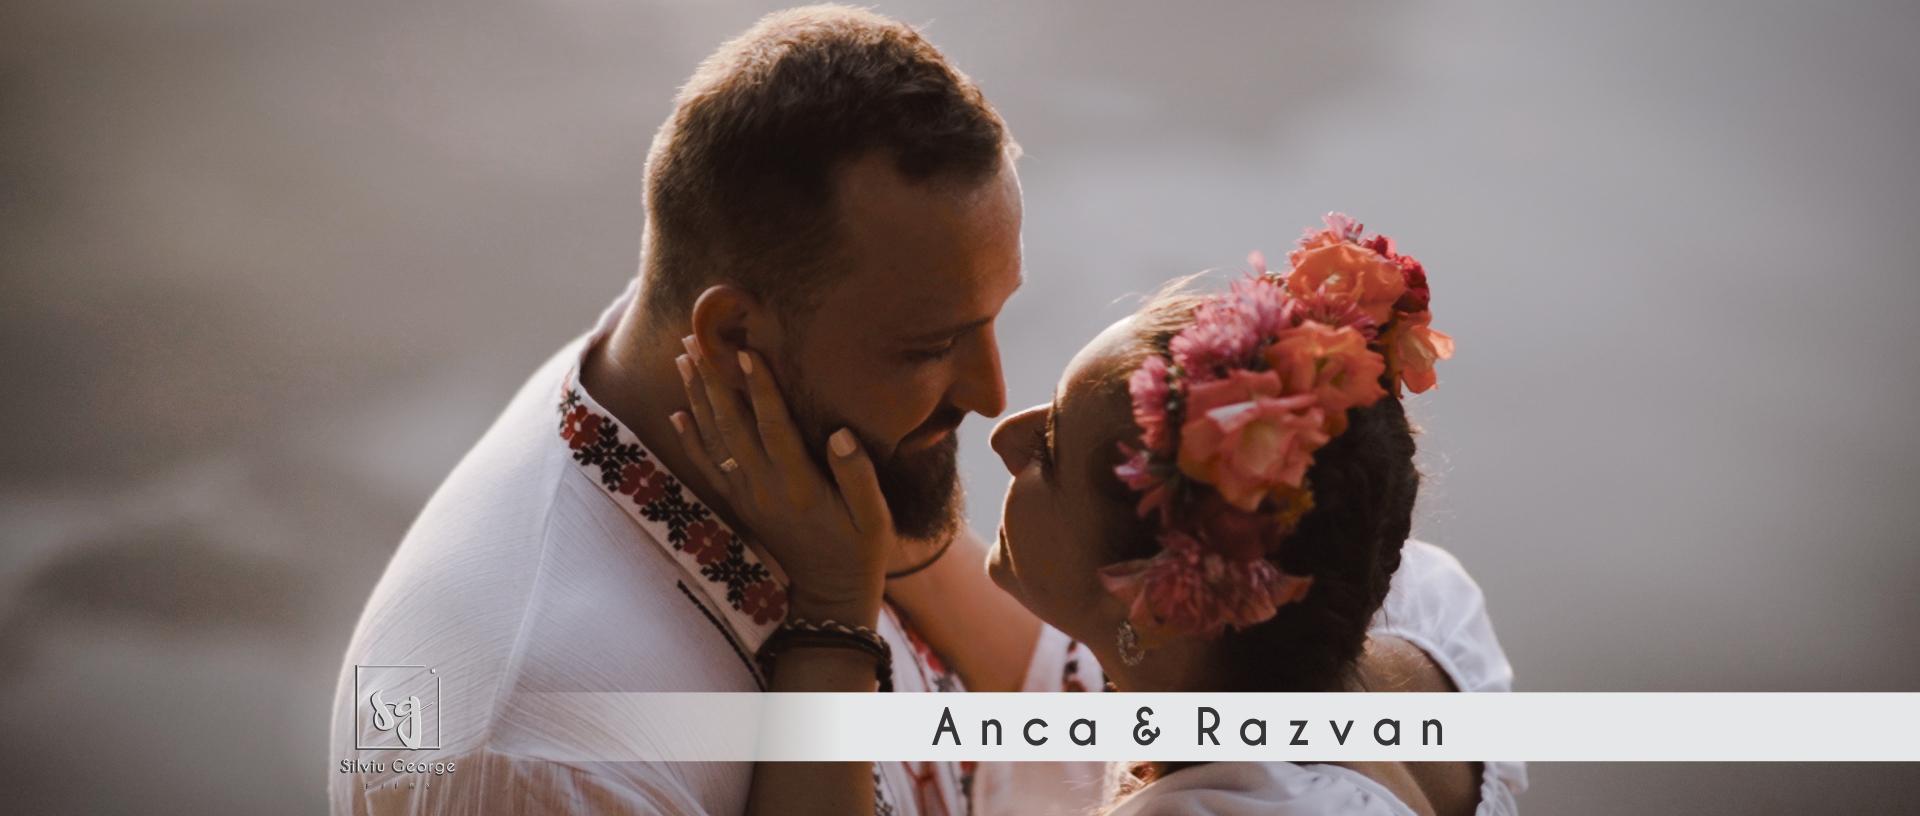 thumbnail Anca & Razvan